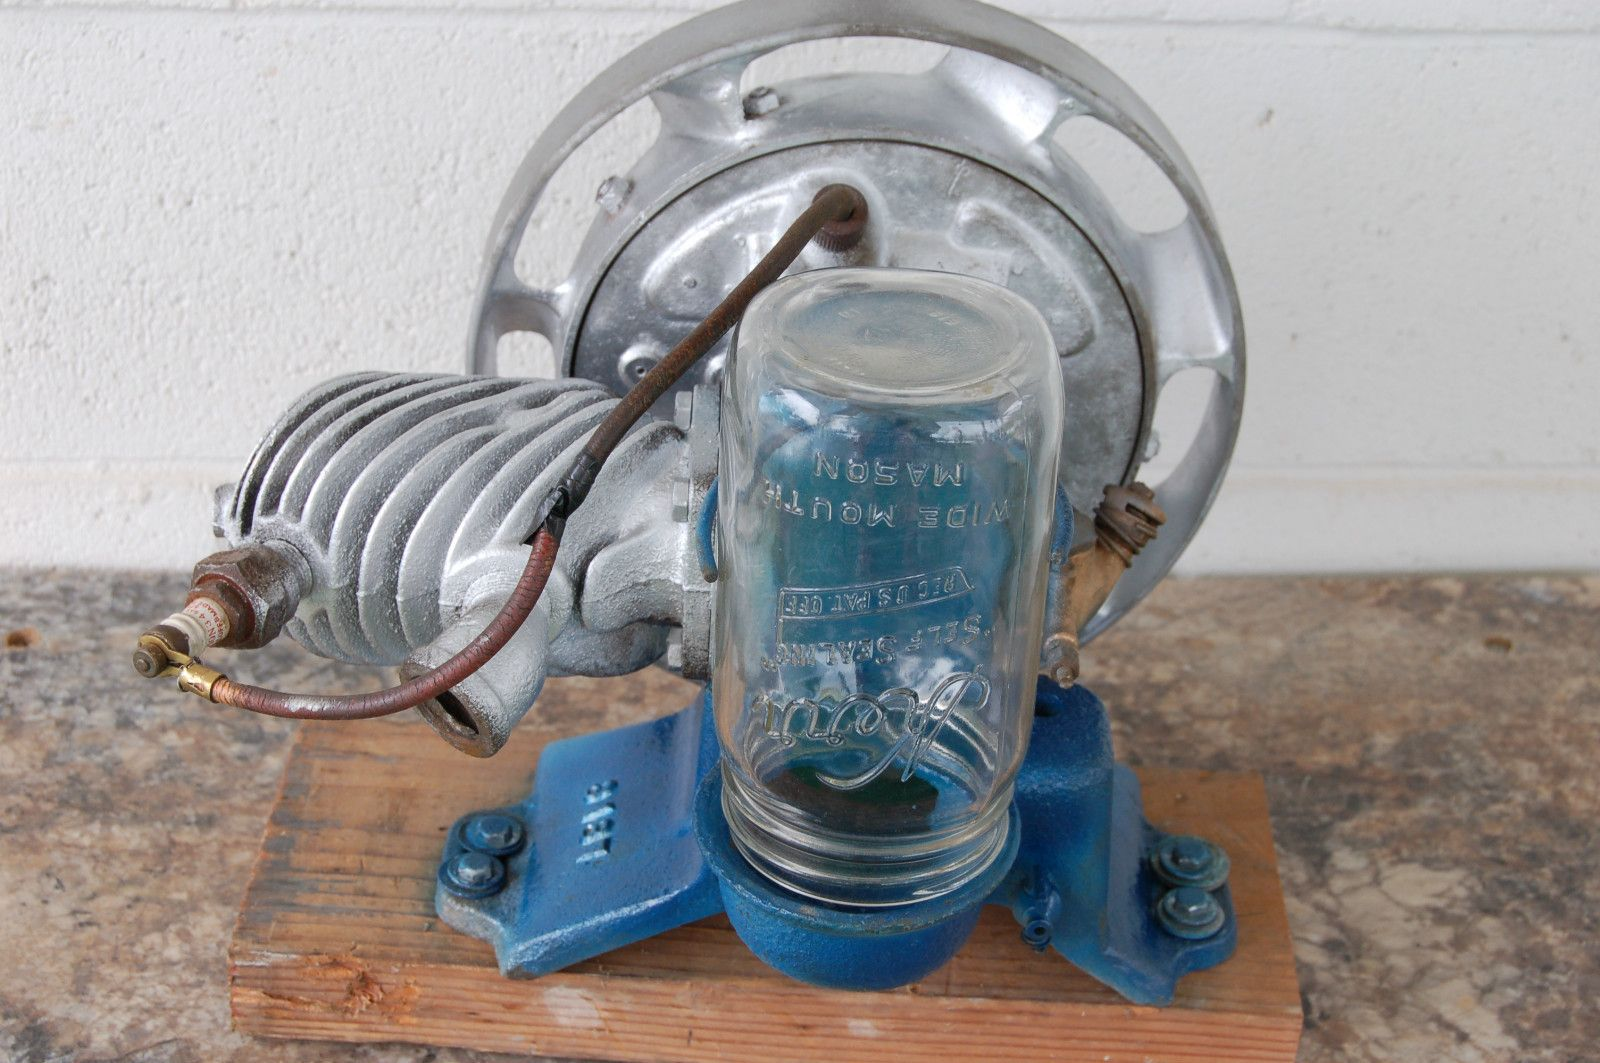 Maytag Model 72 Fruit Jar Engine Engineering Maytag